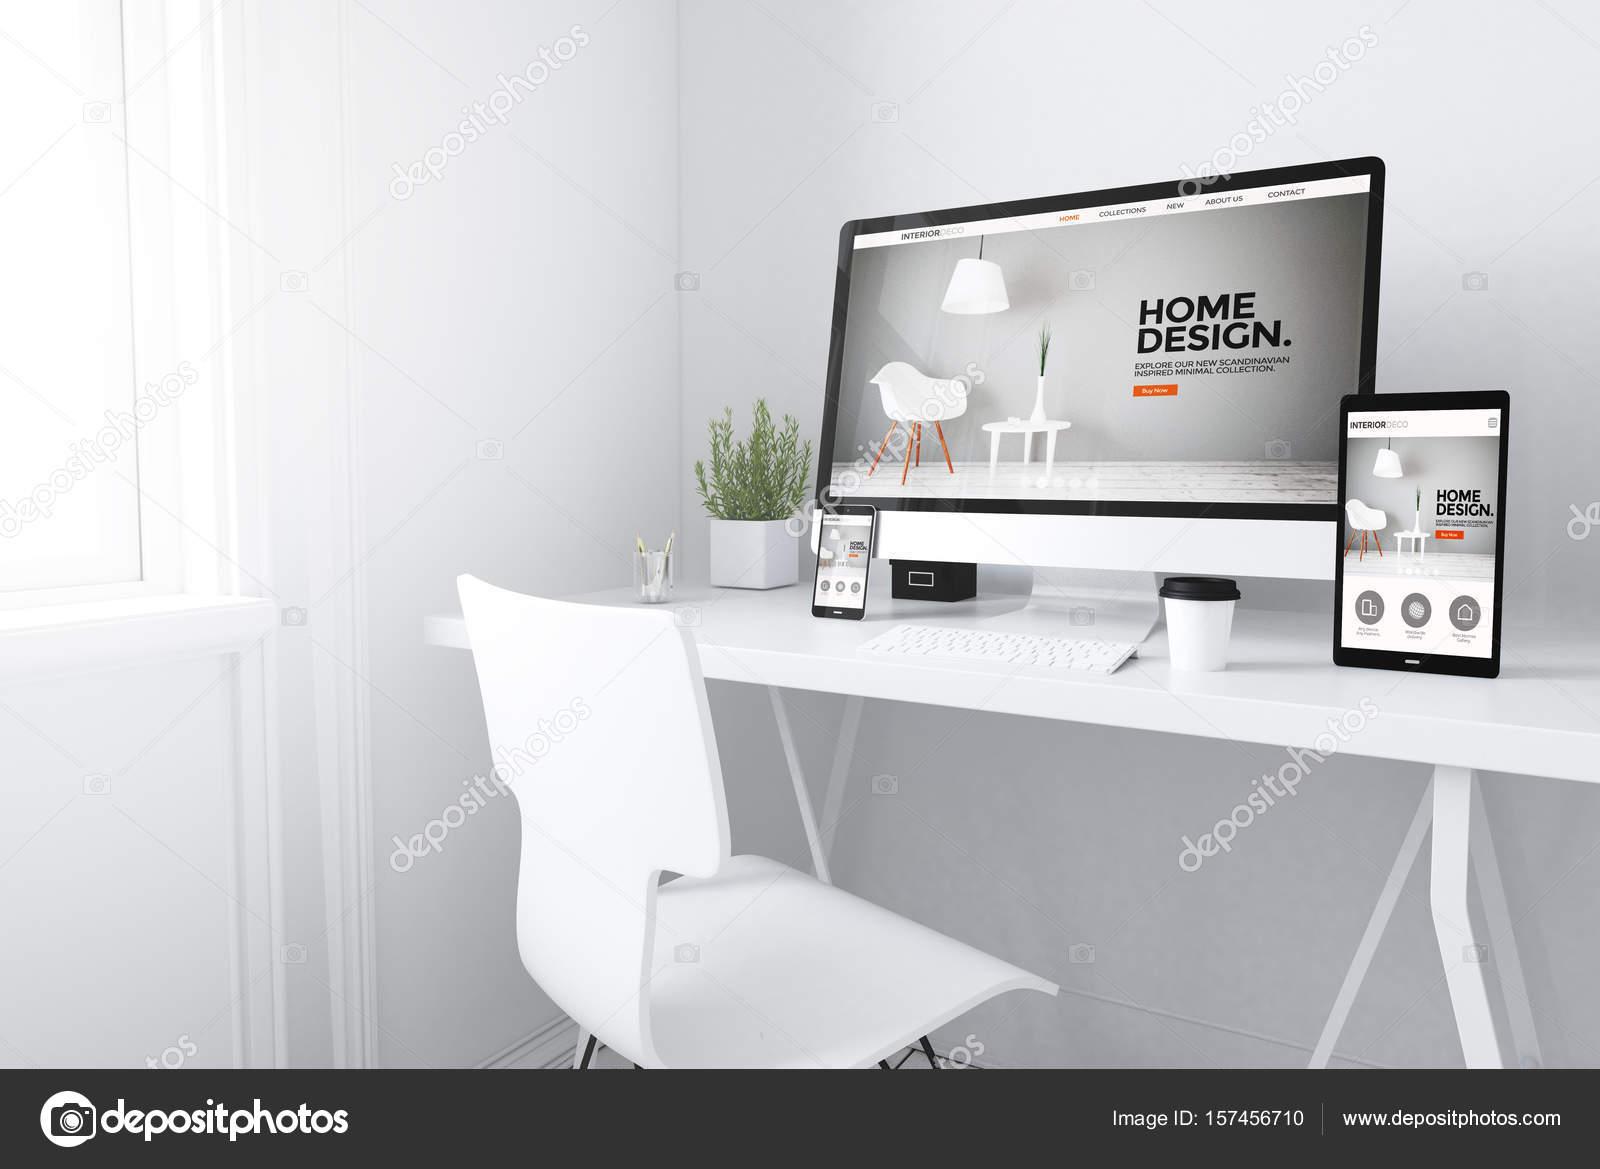 3d rendering van apparaten op tafel met interieur website op schermen foto van georgejmclittle